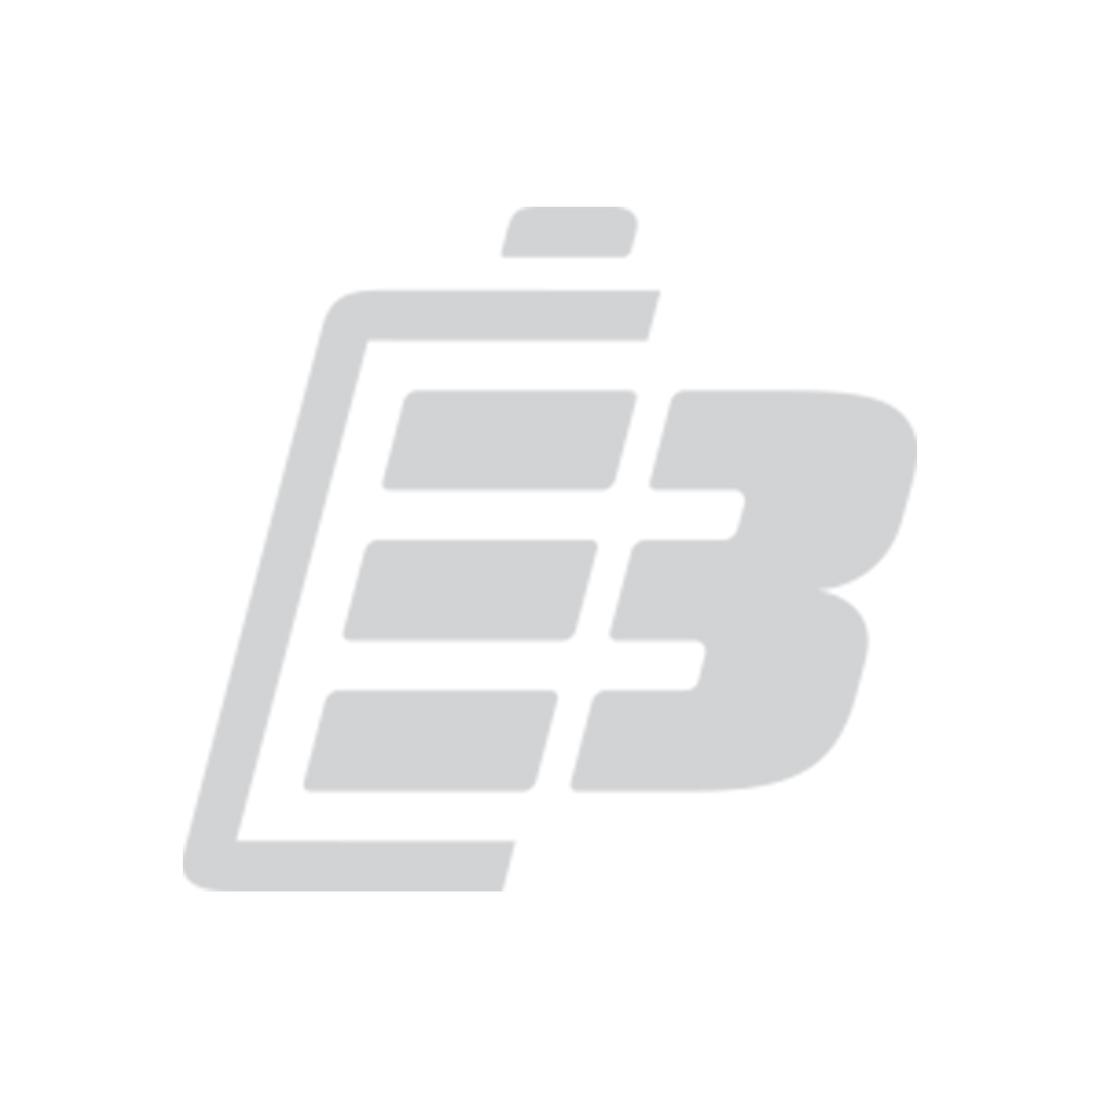 Μπαταρία ηλεκτρικού εργαλείου AEG 12V 2.0Ah Li_1